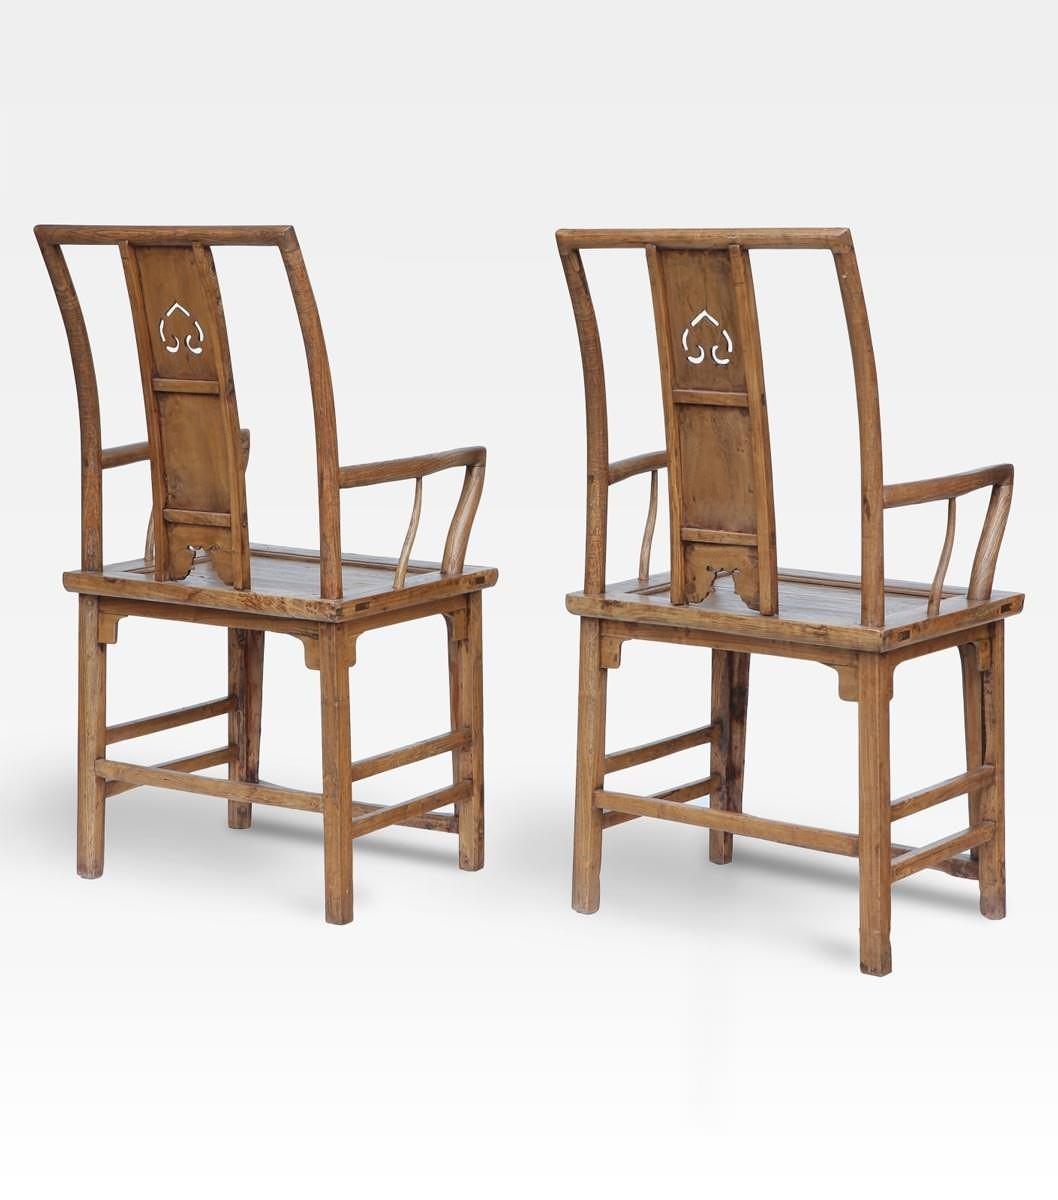 Coppia di sedie cinesi laccate - Legno di Olmo - Cod. 0008-0046 ...